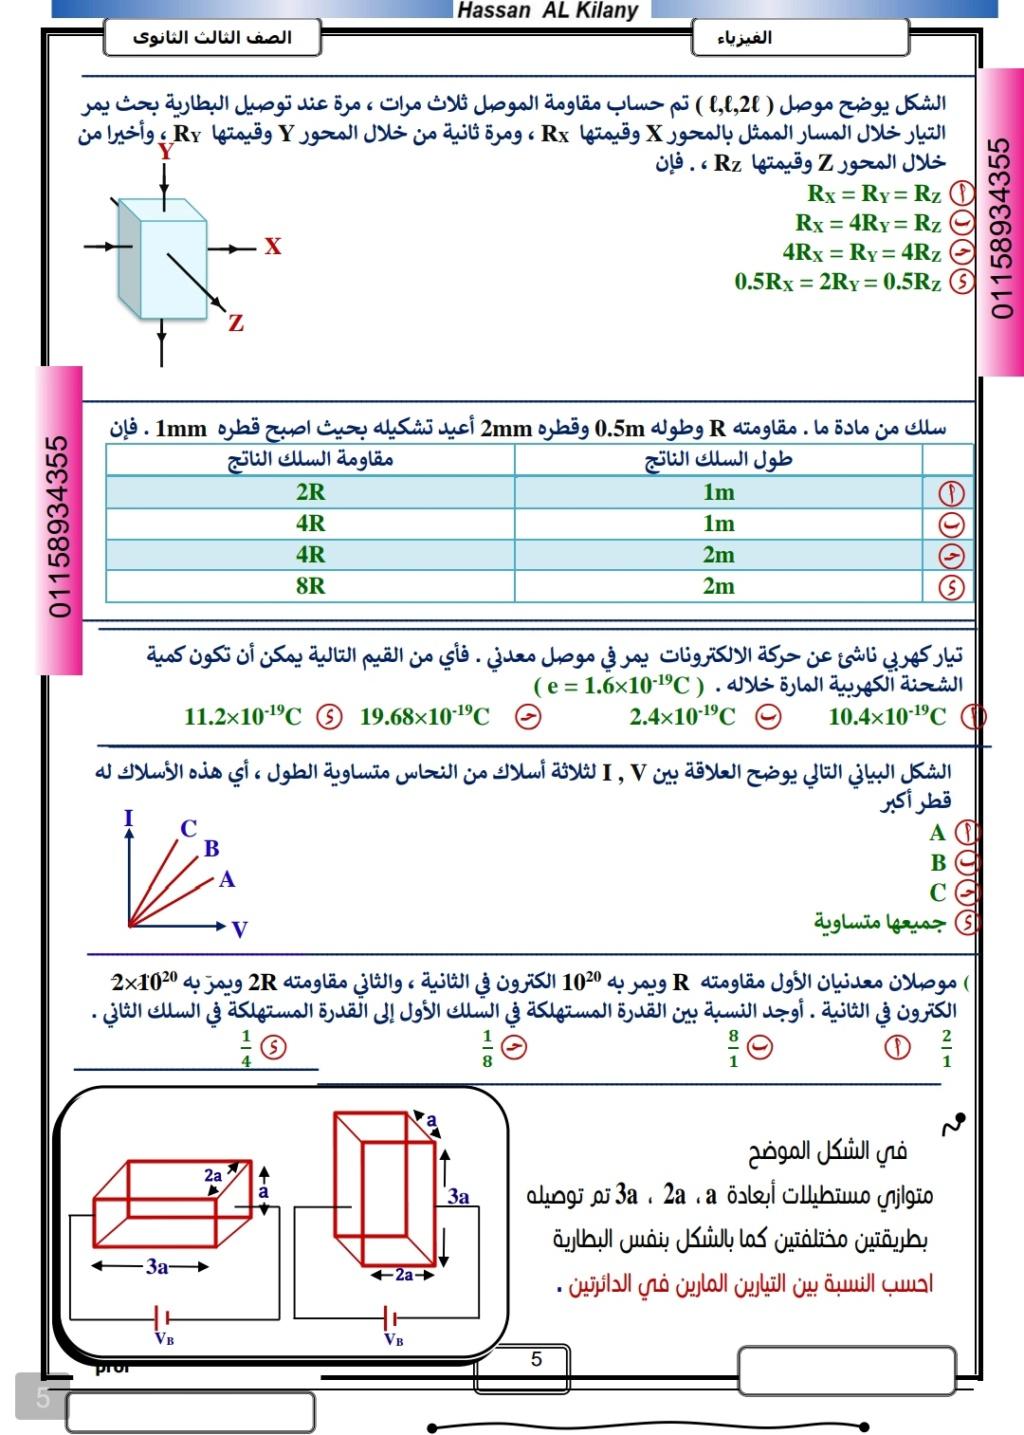 مراجعة فيزياء الثانوية العامة - نظام جديد | اختبارات الكترونية وpdf مستر حسن الكيلاني 16066610